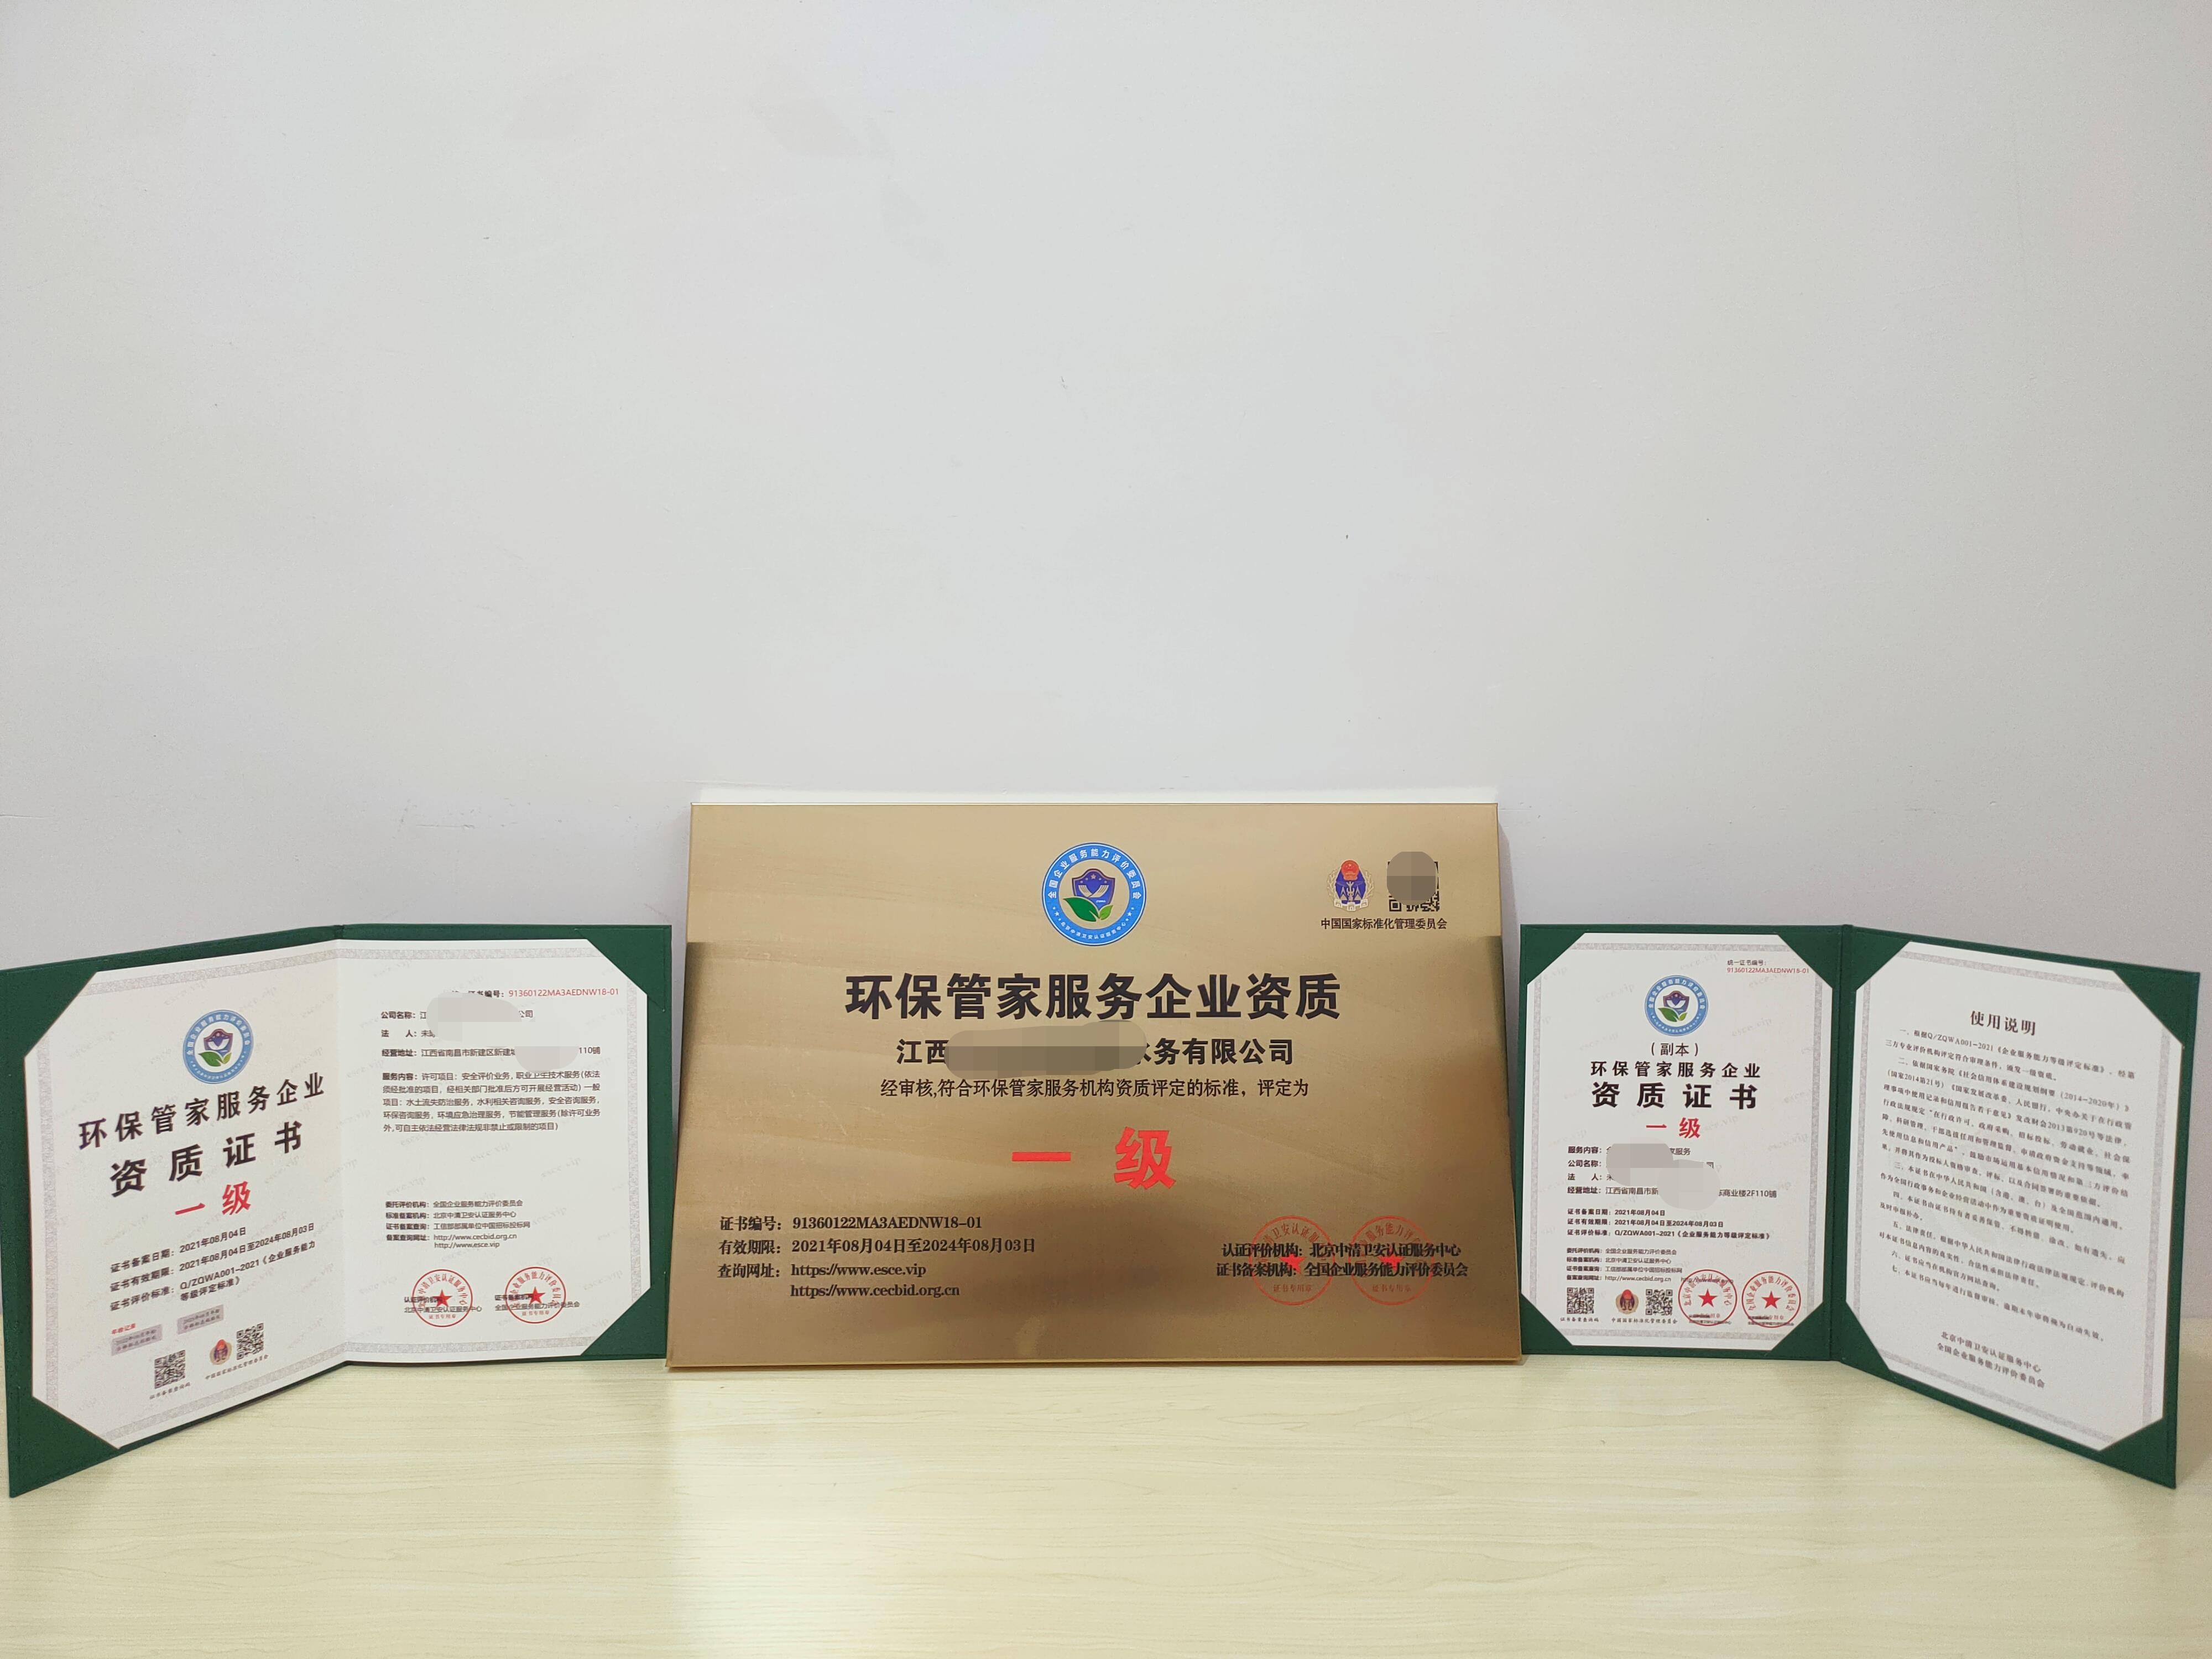 深圳空调清洗服务资质